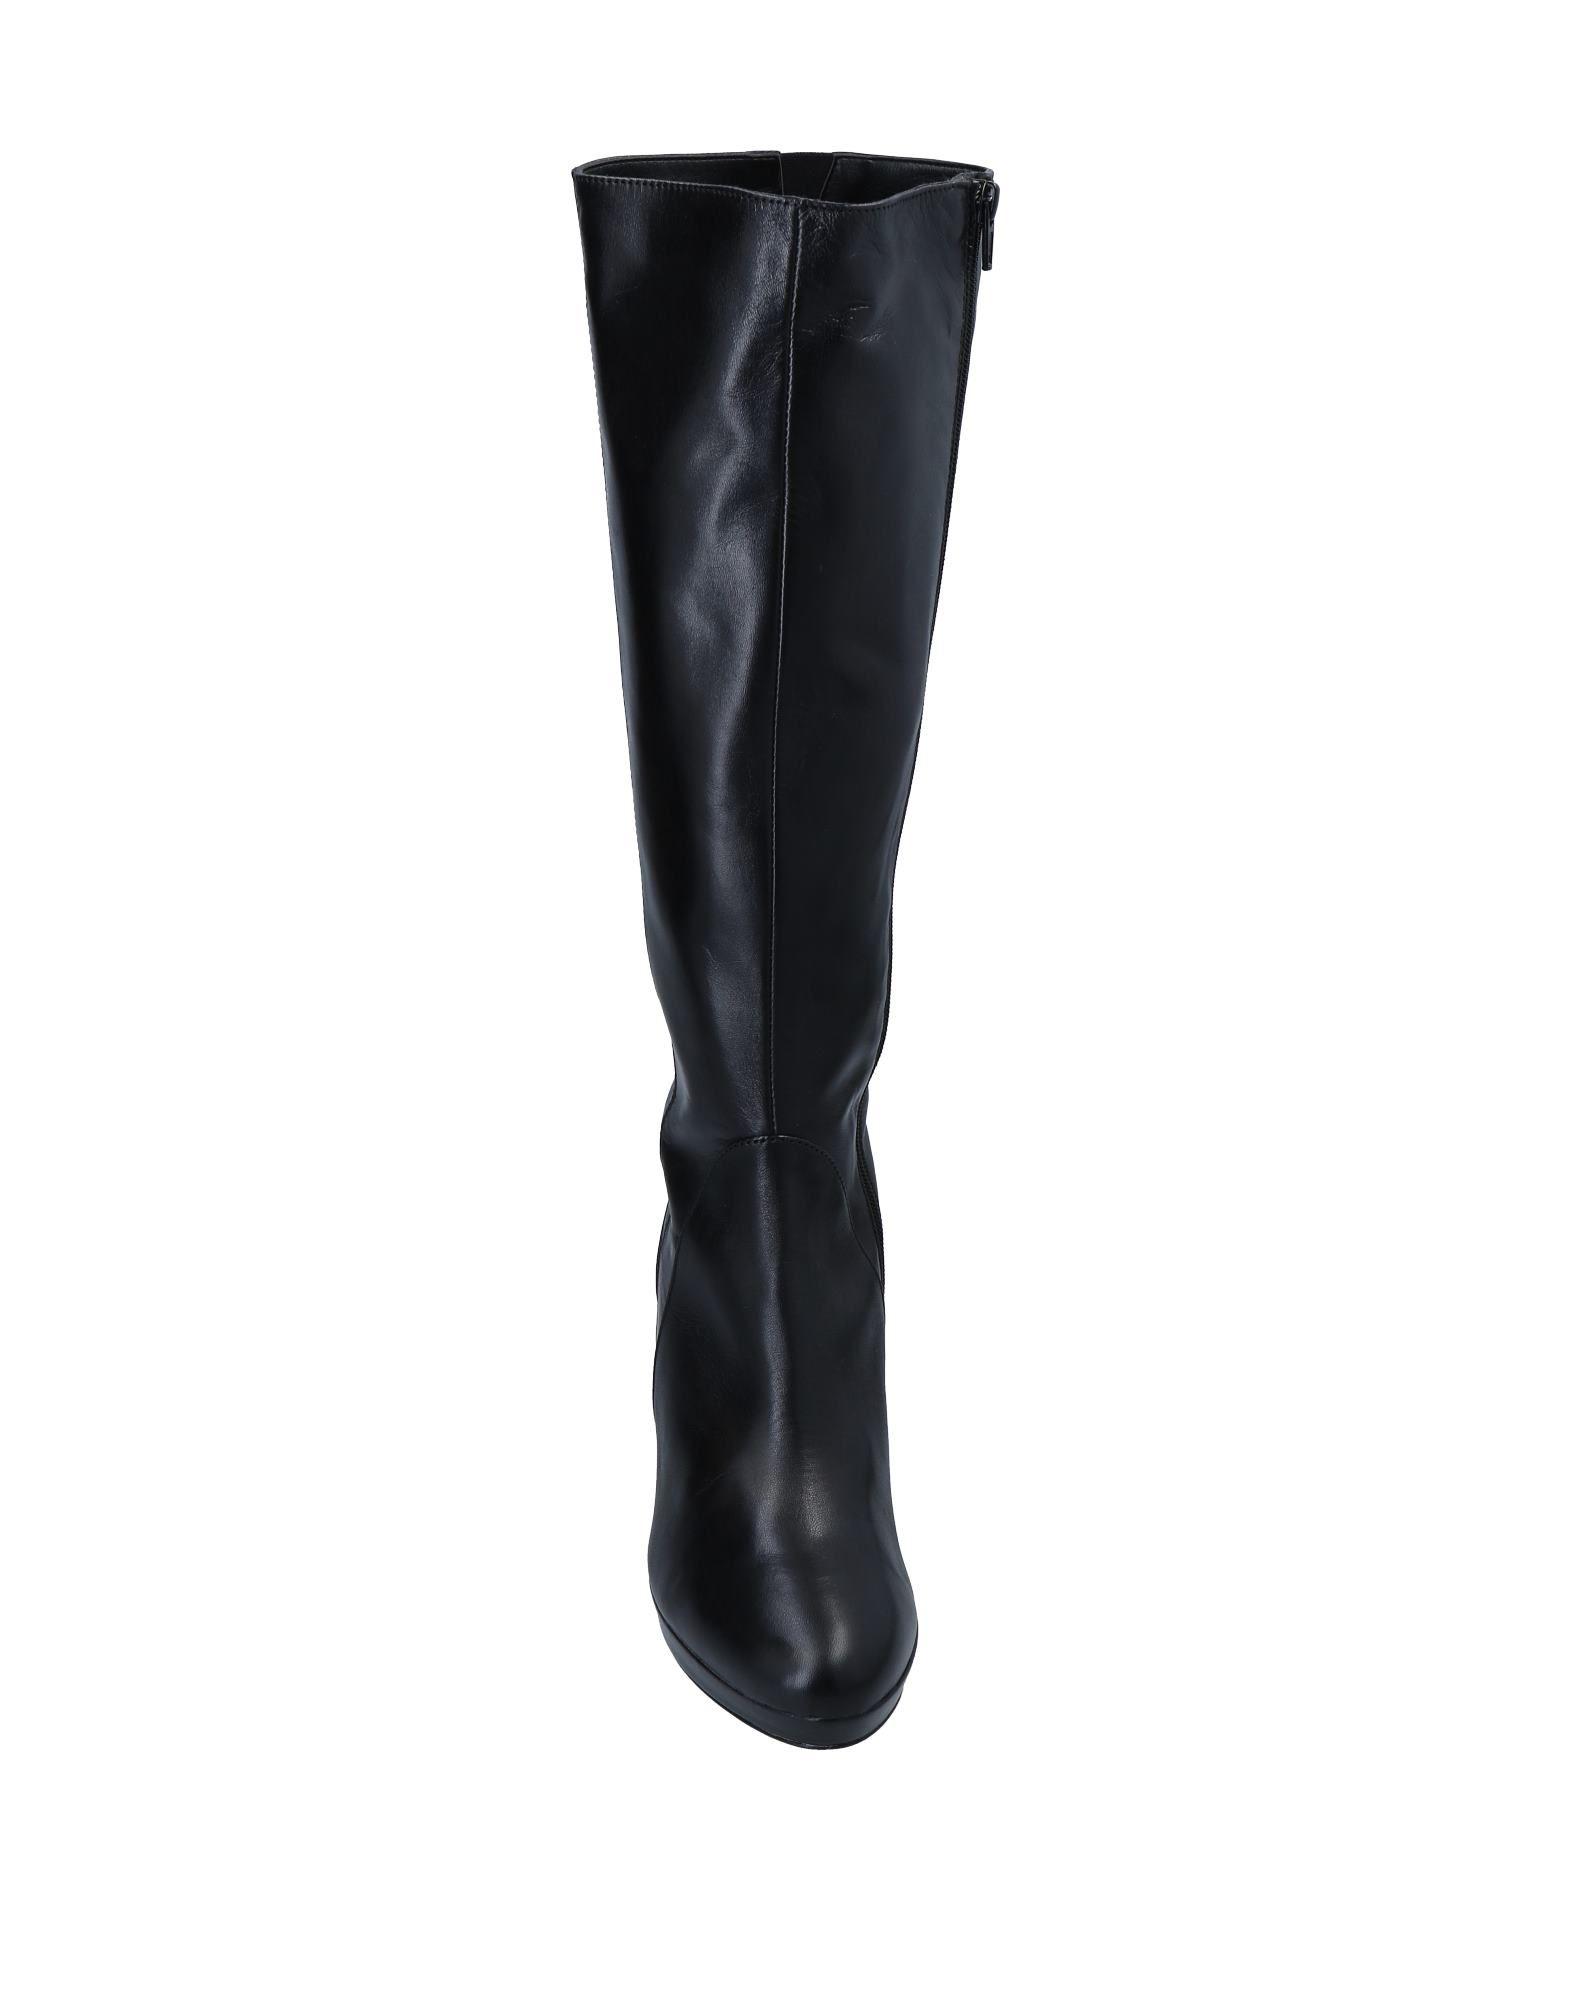 Chocolà Stiefel Damen aussehende  11526992IFGut aussehende Damen strapazierfähige Schuhe 80bd0b